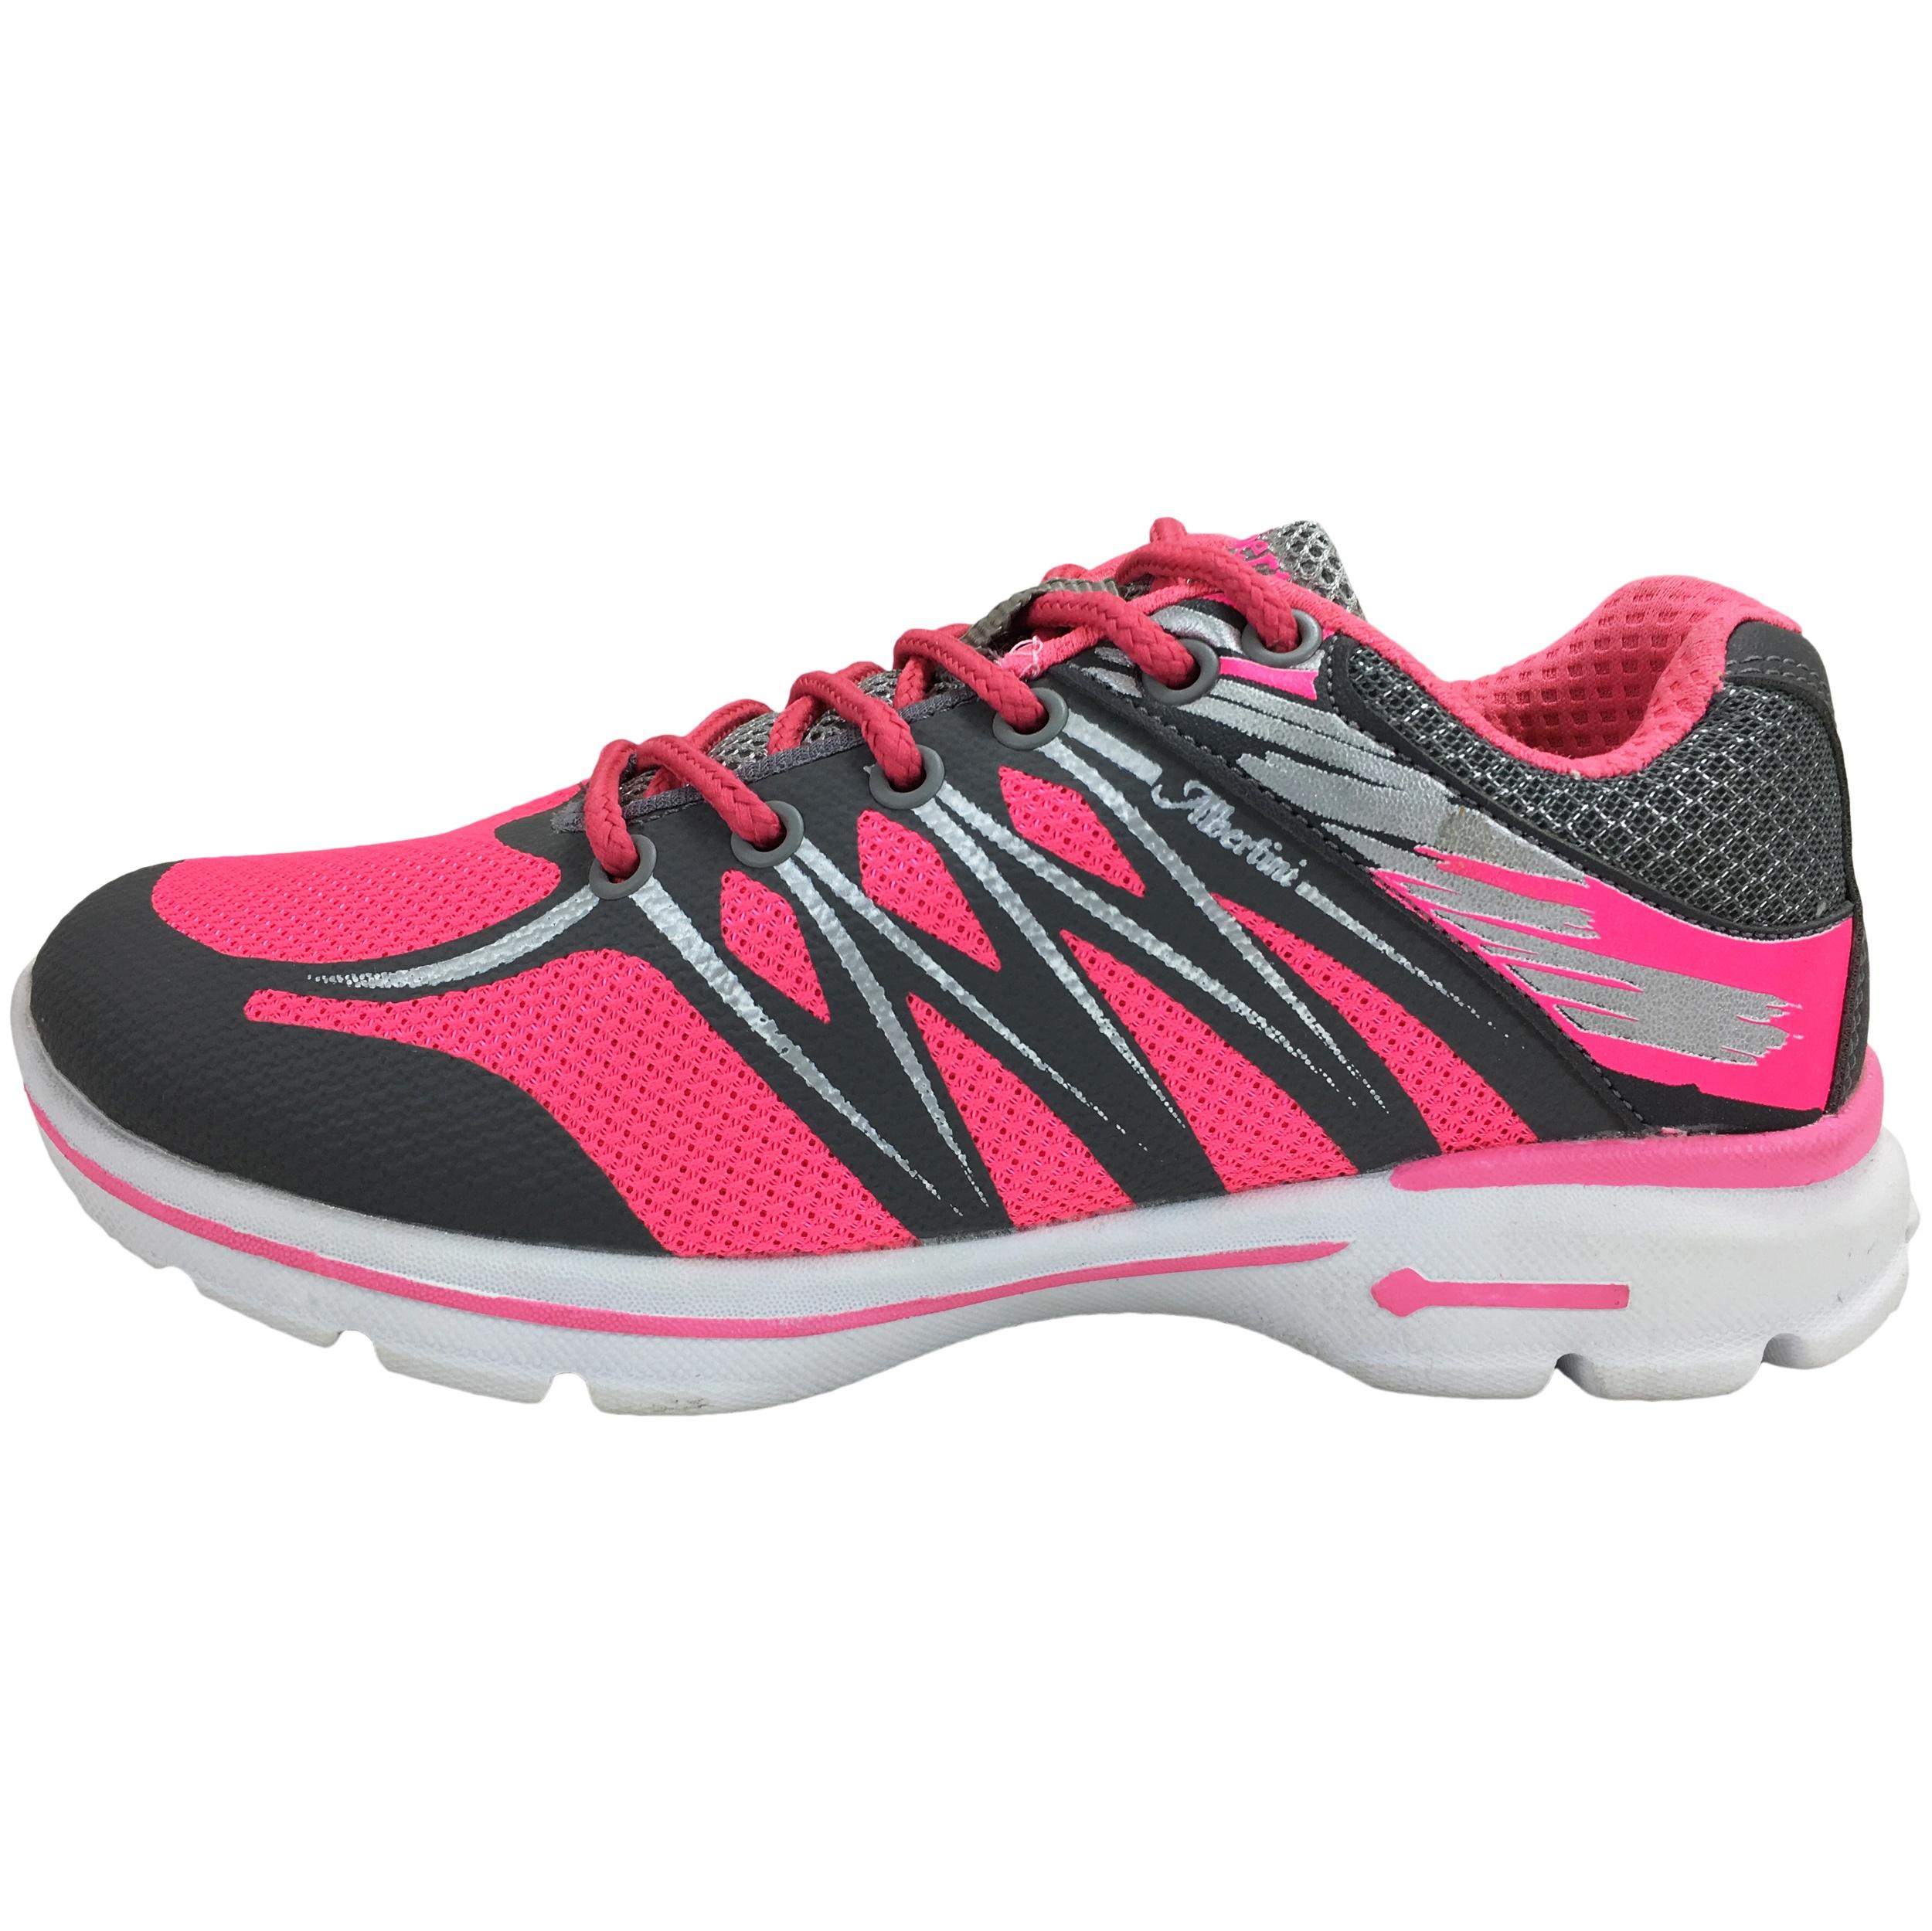 کفش مخصوص پیاده روی زنانه آلبرتینی مدل فلورانس کد 3259